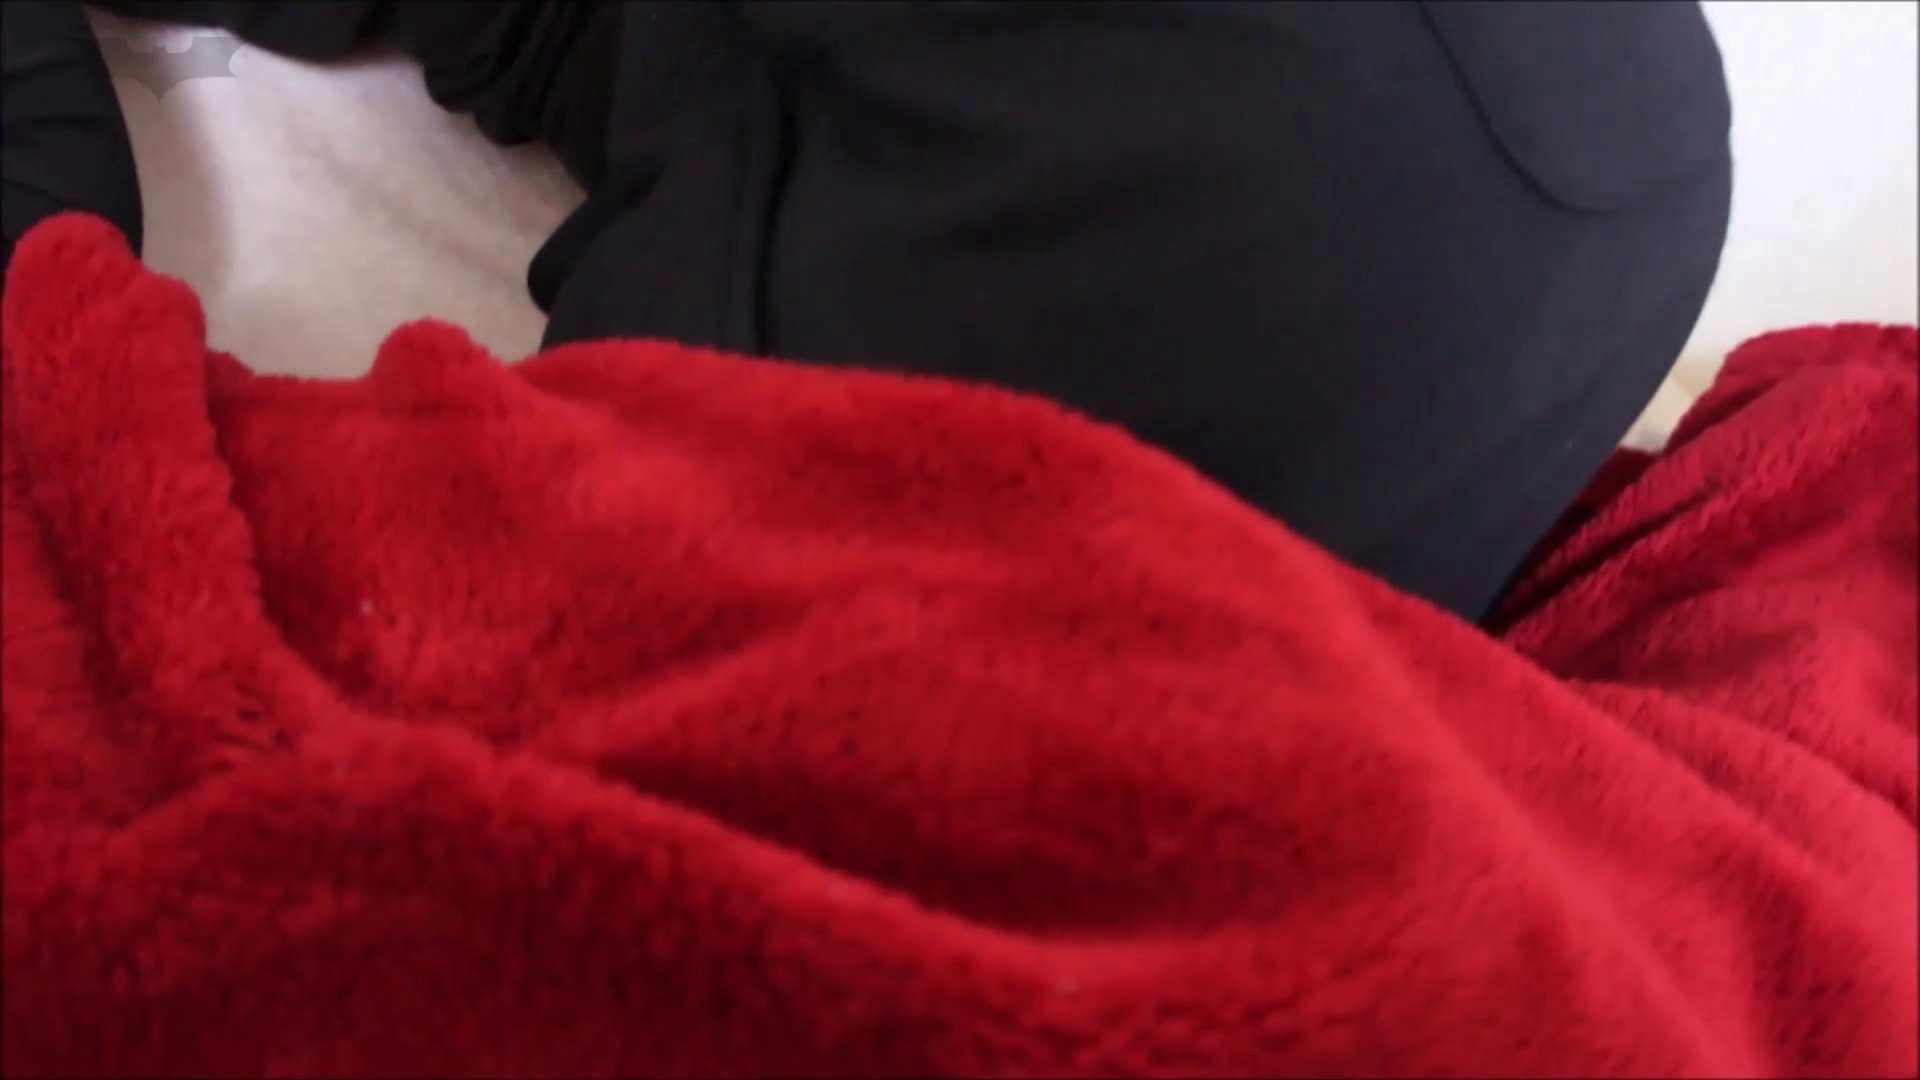 【俺の2人の愛嬢】【未公開】vol.71 3人一緒に・・・【れいか編】 桃色乳首   ギャル  75画像 38